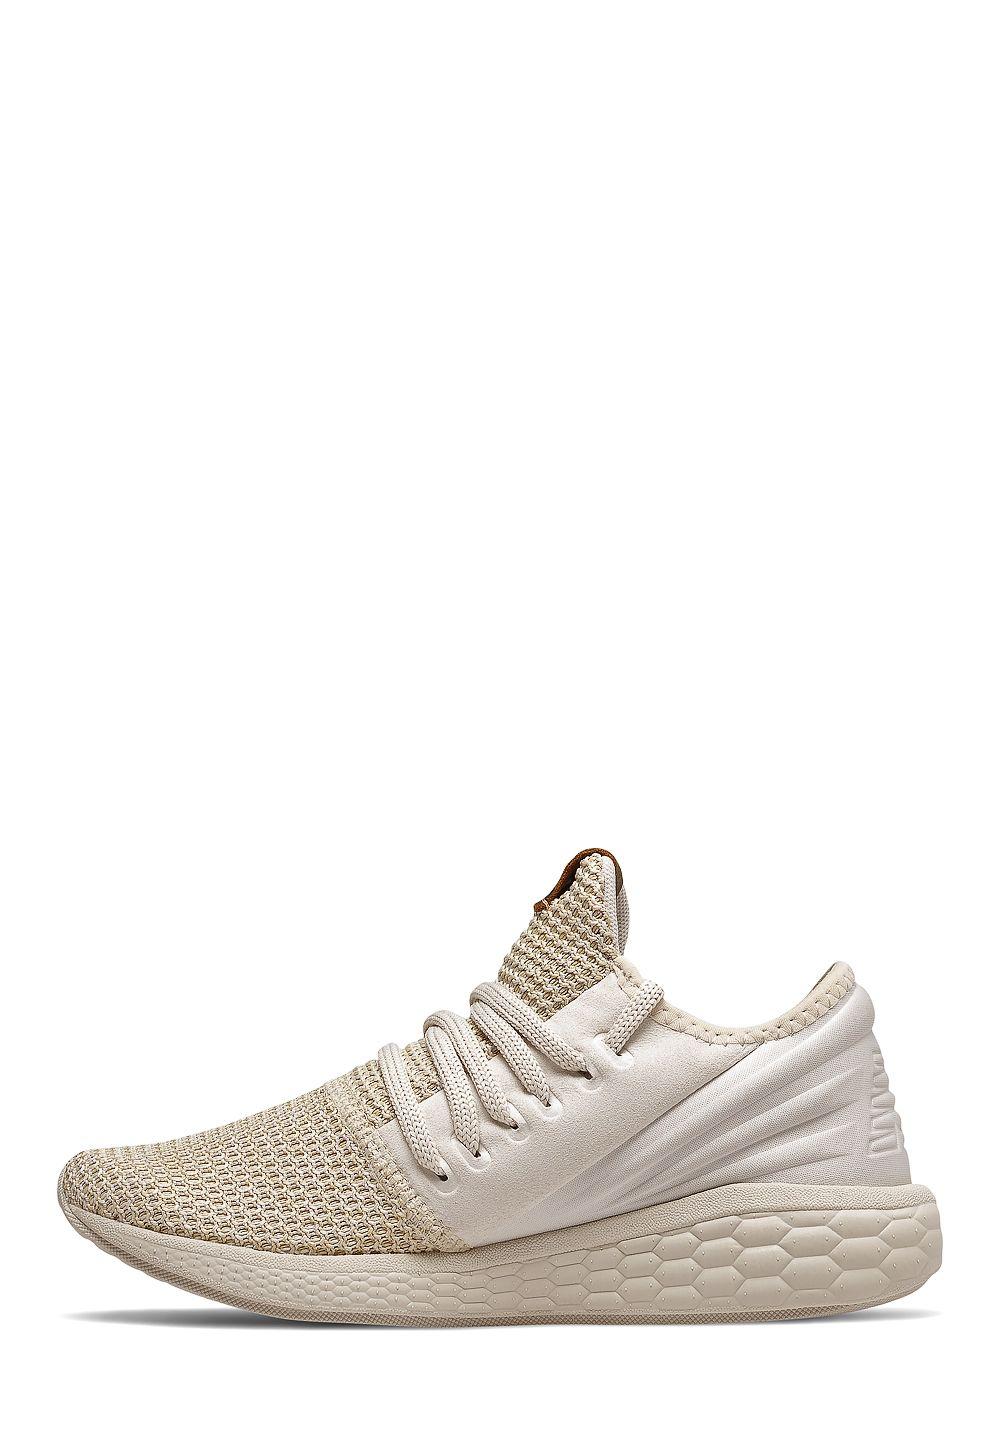 New In Adidas Balance SneakerBeige 2019Sneakers IYbvf6g7y